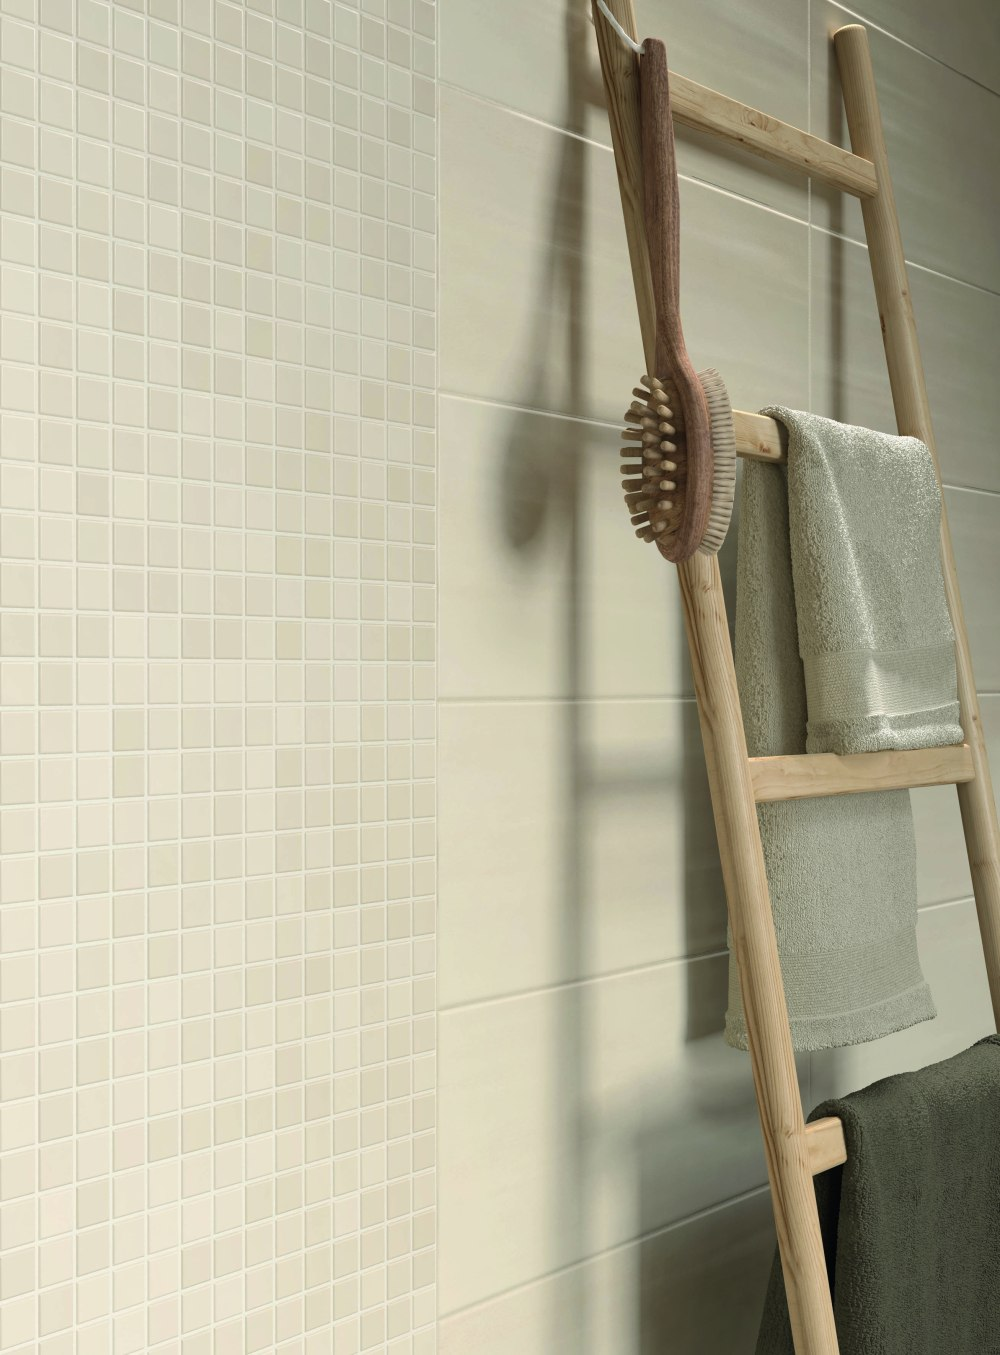 Bild på badrumsvägg med beige mosaik och kakel.